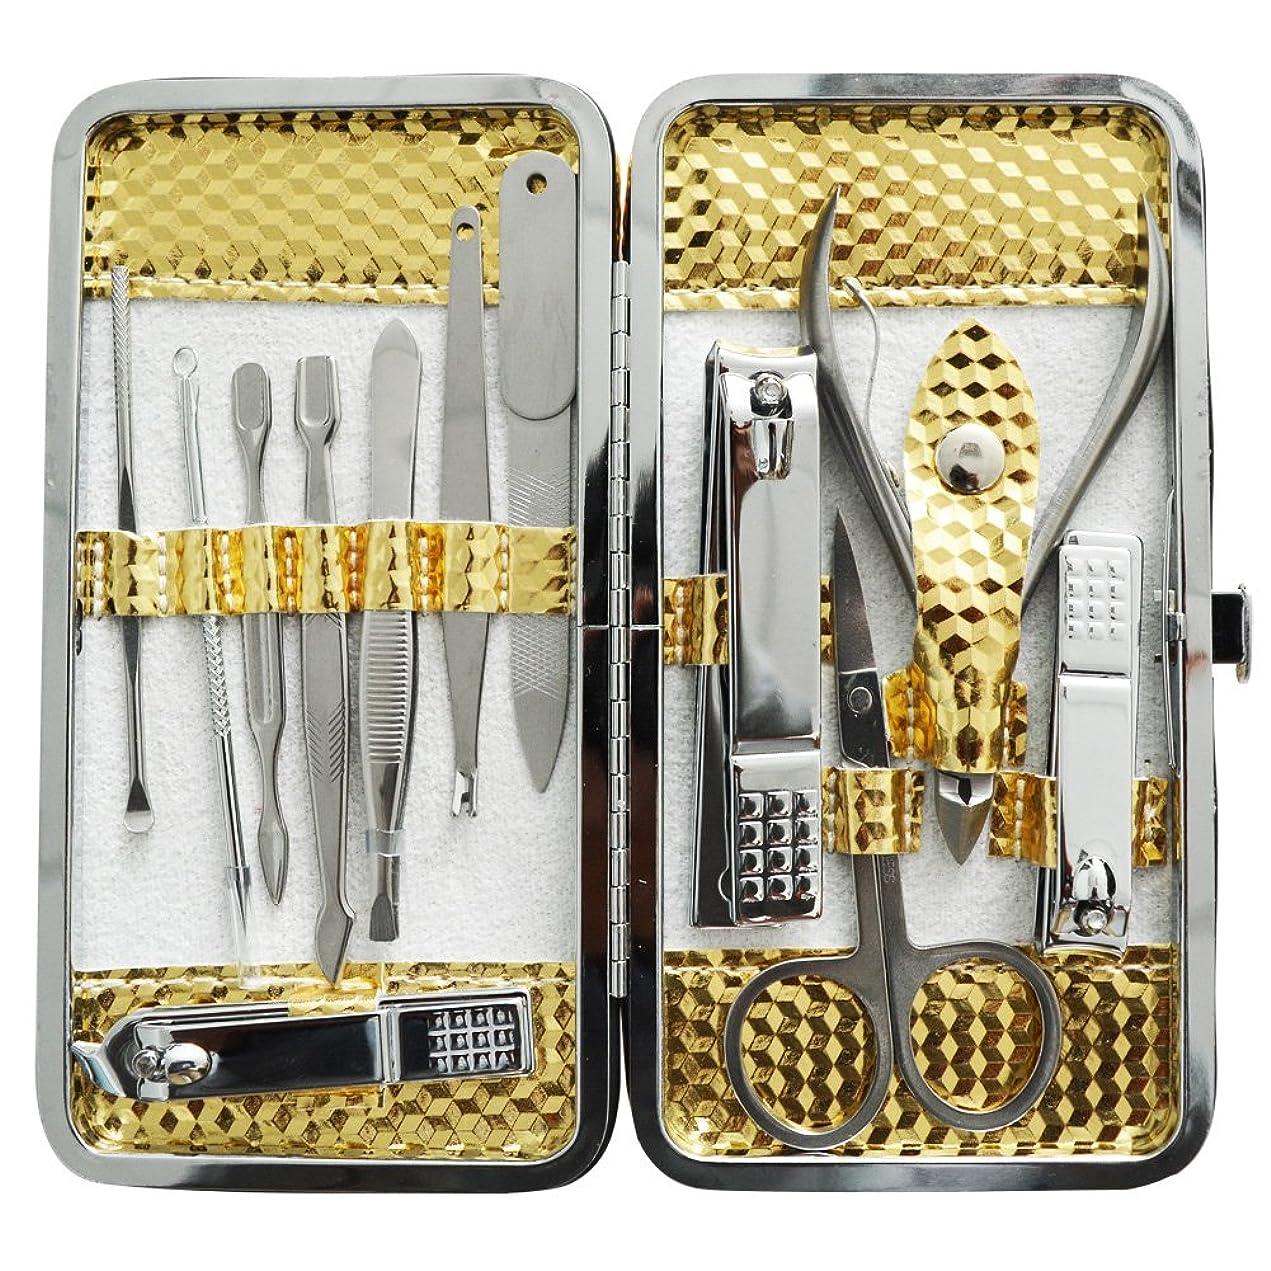 連結する交流する従順な爪切りセット 耳掃除機 12枚はさみ、キューティクルをトリマー、耳かき、ナイフ